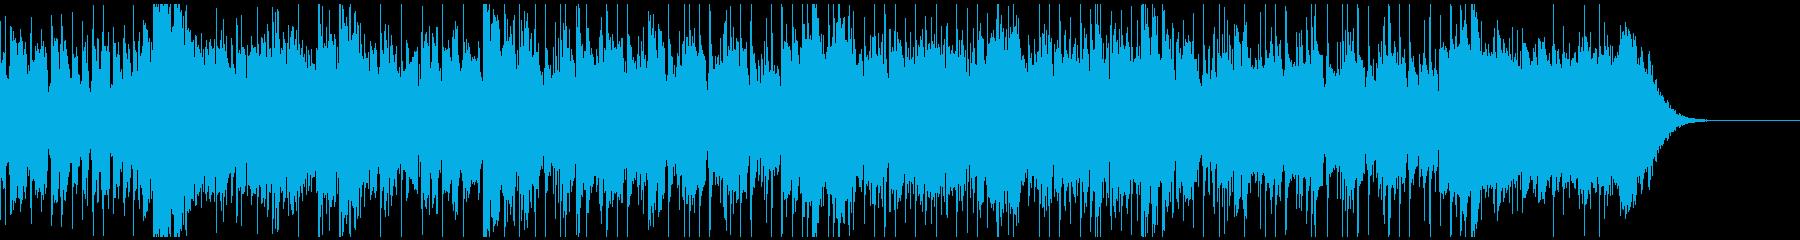 南国風アレンジの曲の再生済みの波形